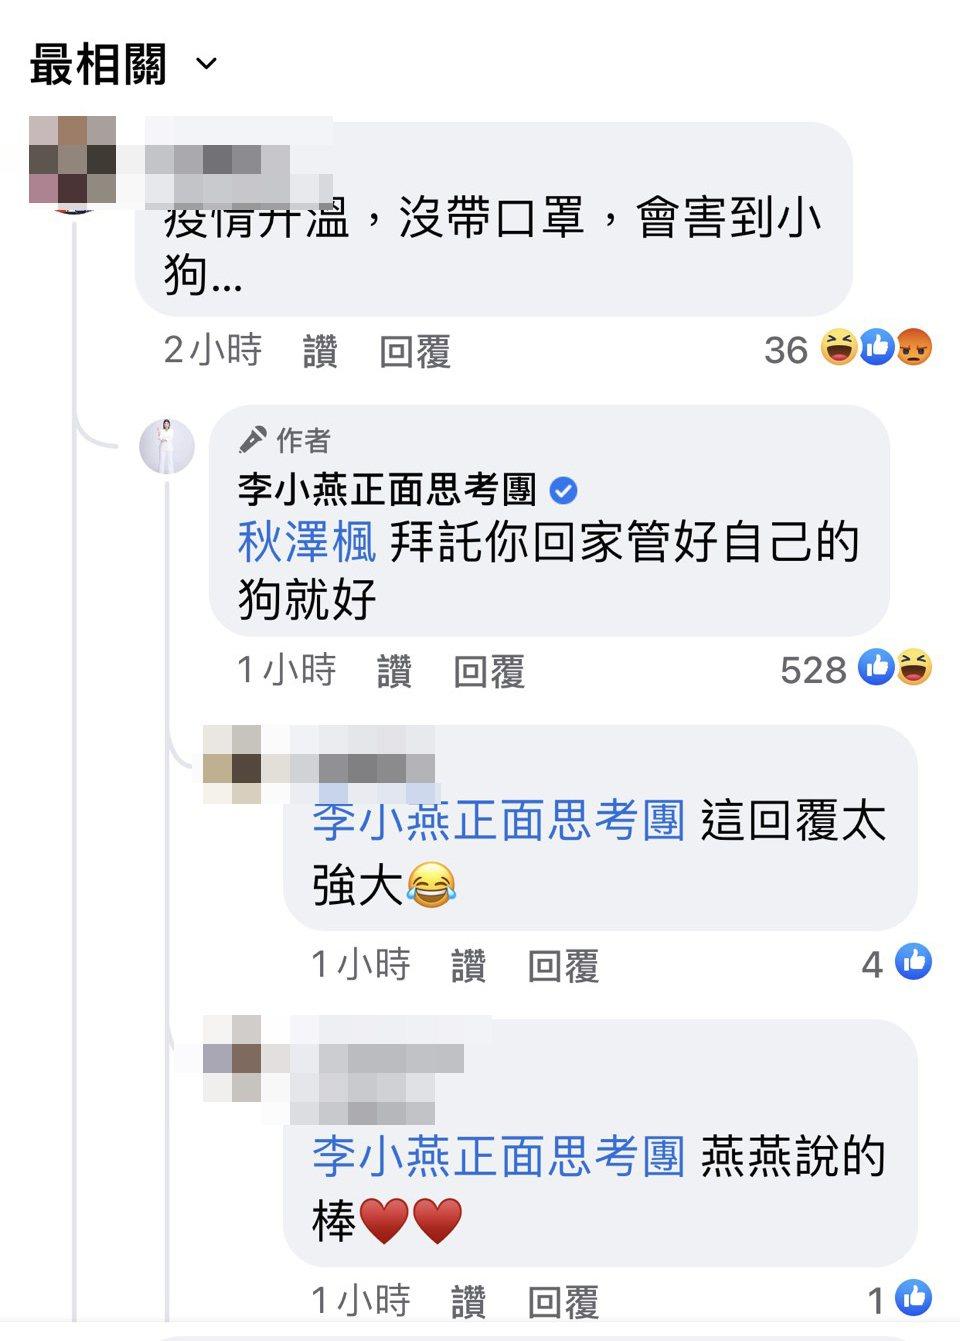 李燕霸氣回網友留言。圖/摘自臉書